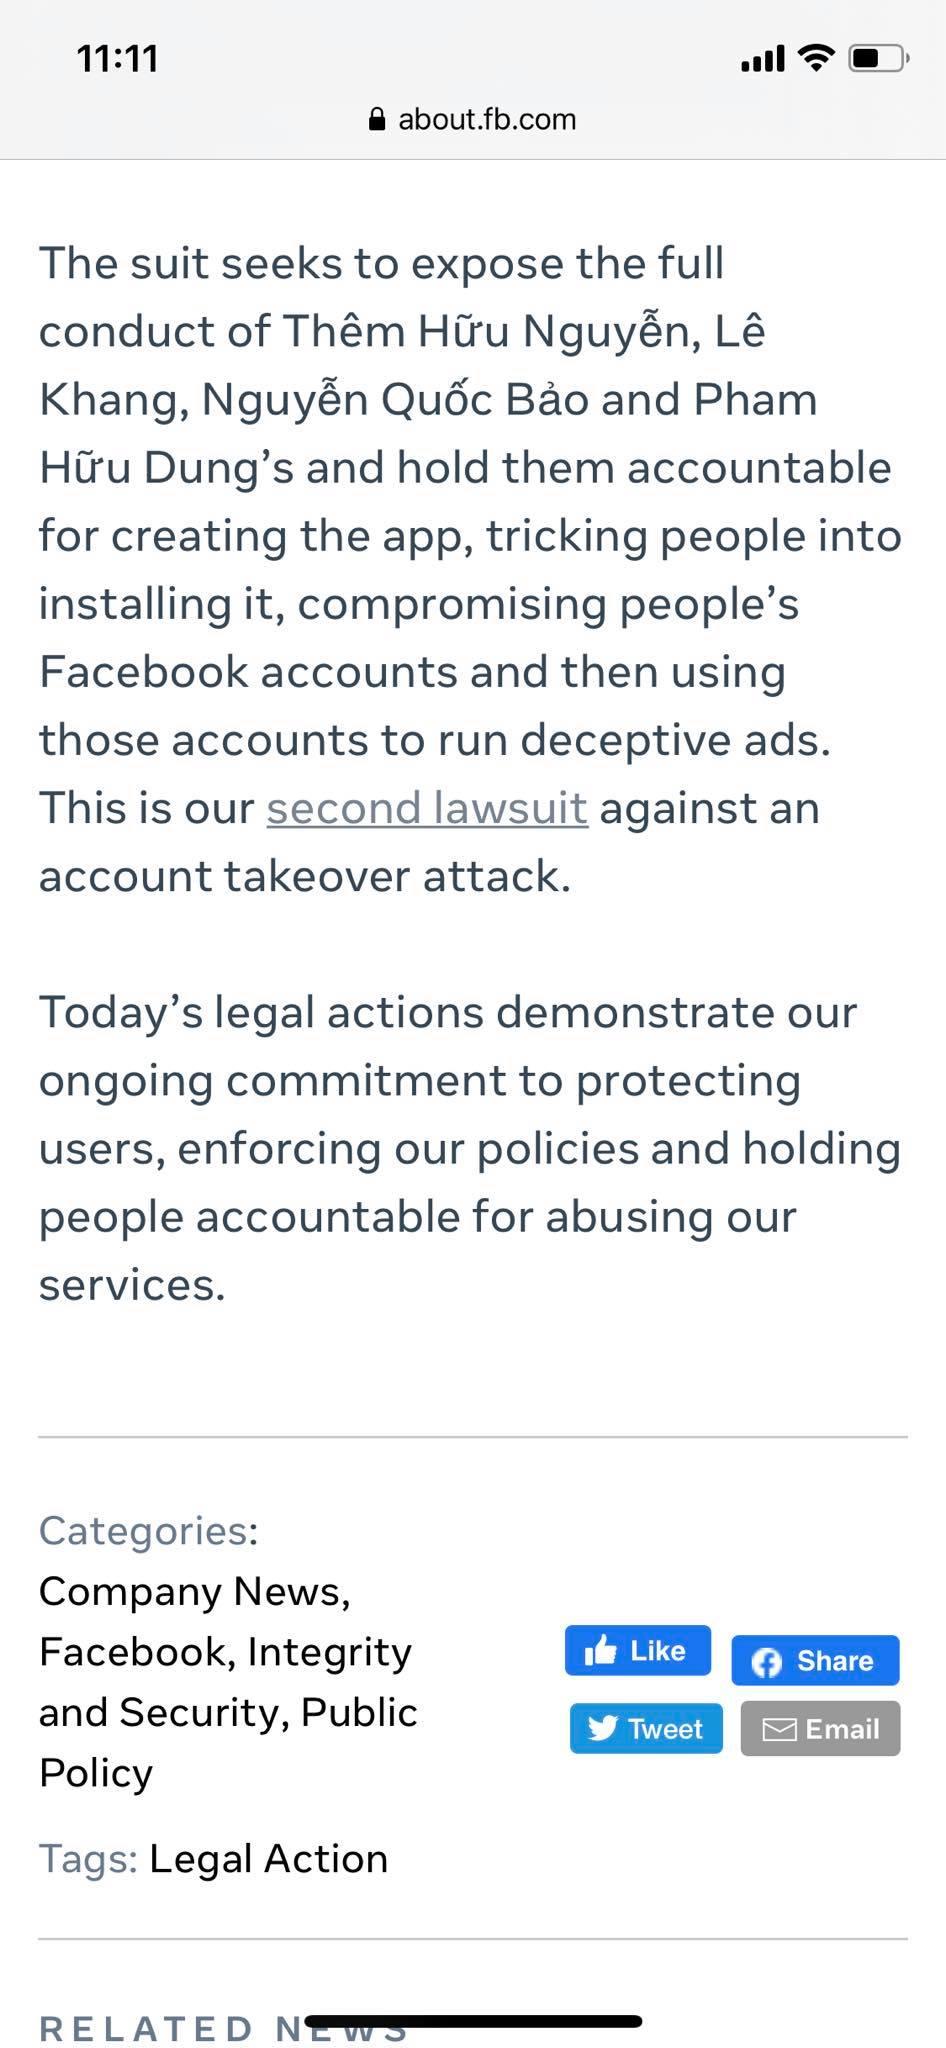 Bóc mánh khóe của 4 người Việt bị Facebook kiện vì chiếm đoạt 36 triệu USD - Ảnh 1.